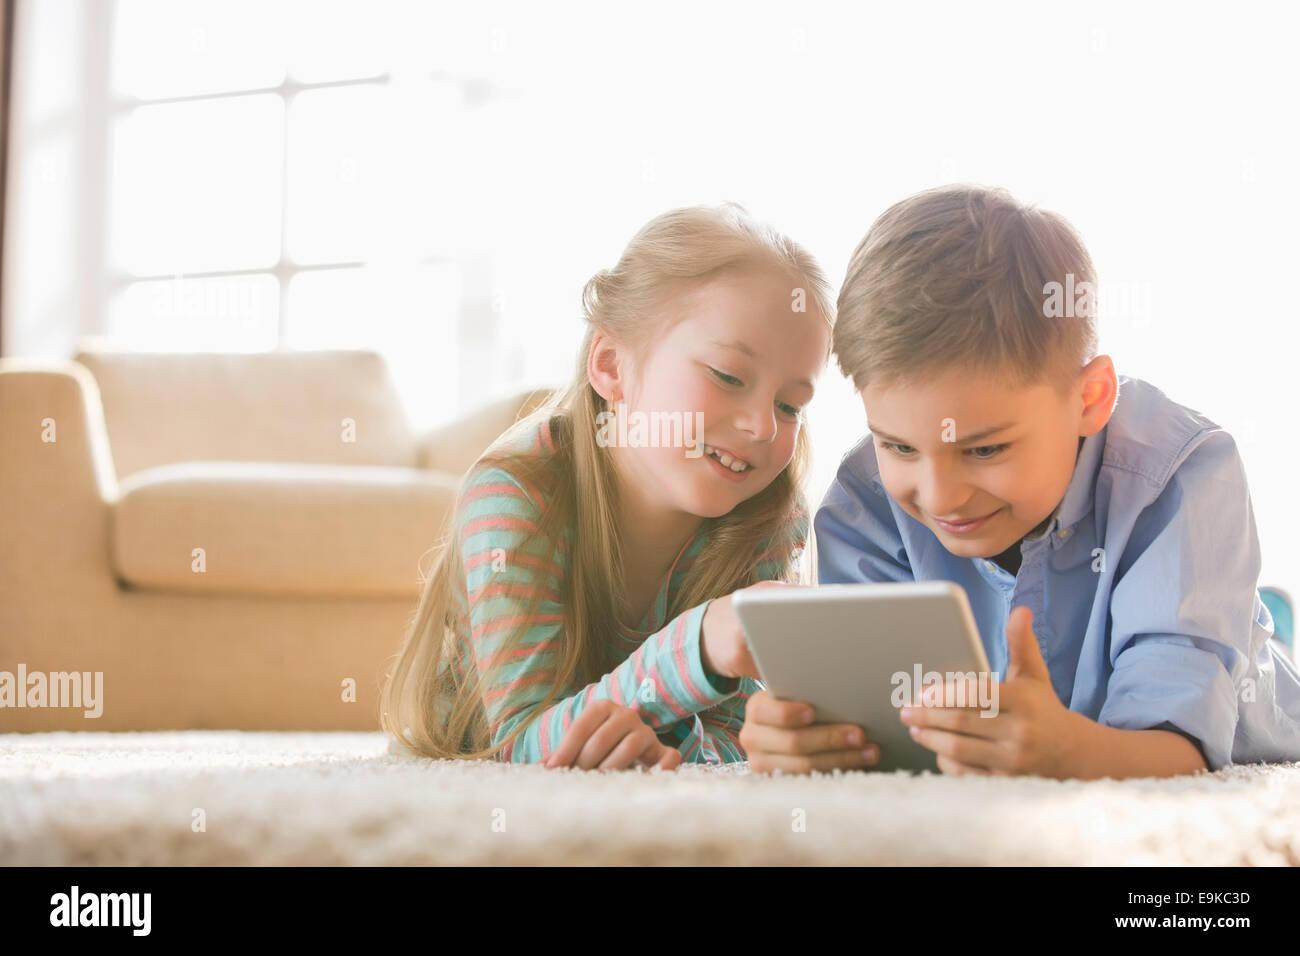 Hermano y hermana utilizando tablet digital en el piso en casa Imagen De Stock